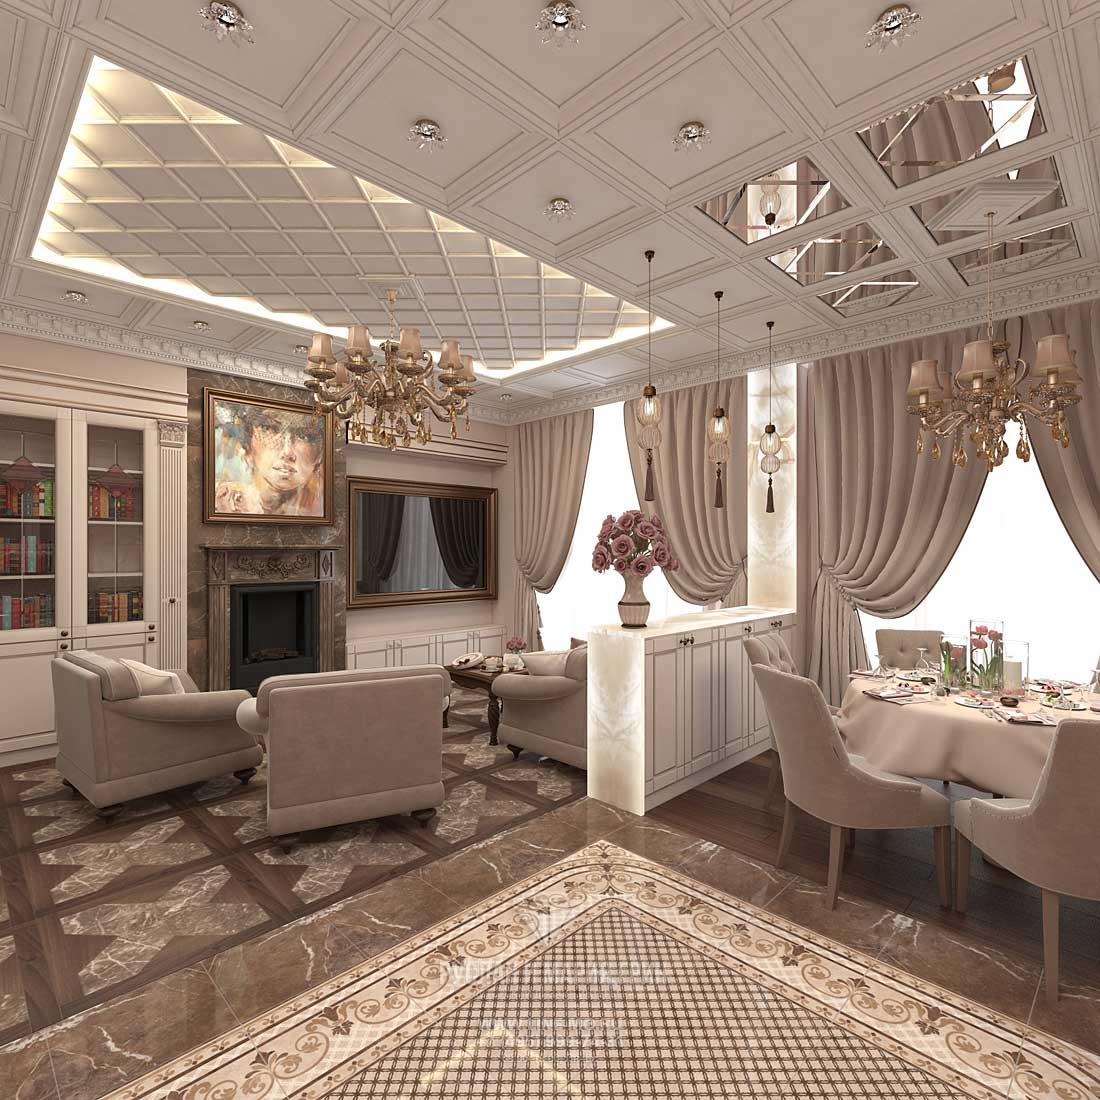 Элитный ремонт квартиры в Москве. Фото интерьера гостиной